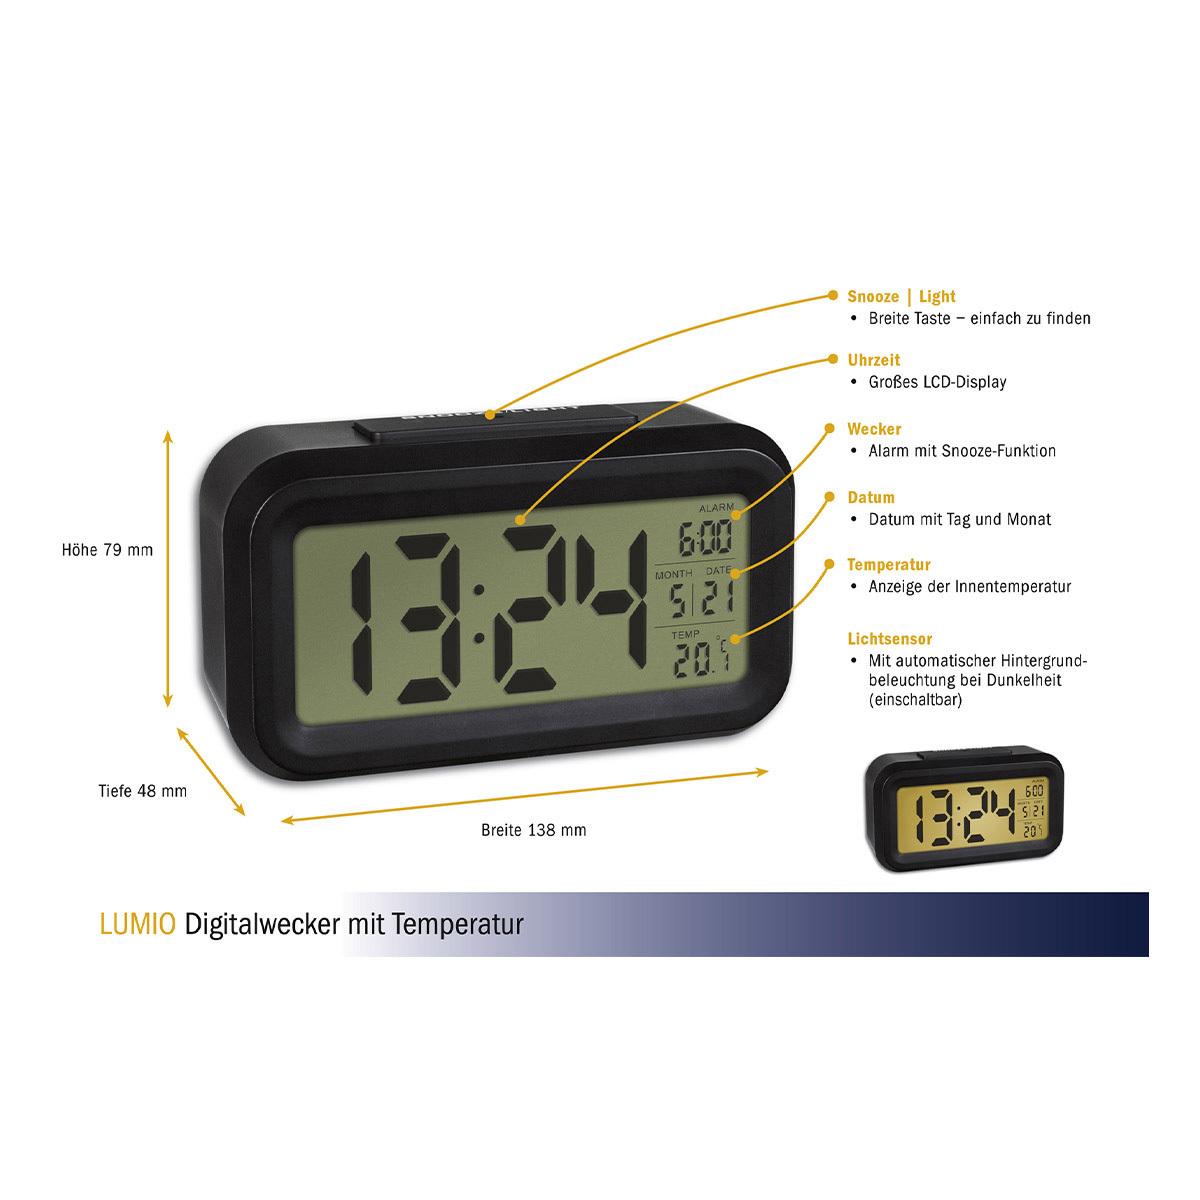 60-2018-01-digitaler-wecker-mit-temperatur-lumio-abmessungen-1200x1200px.jpg